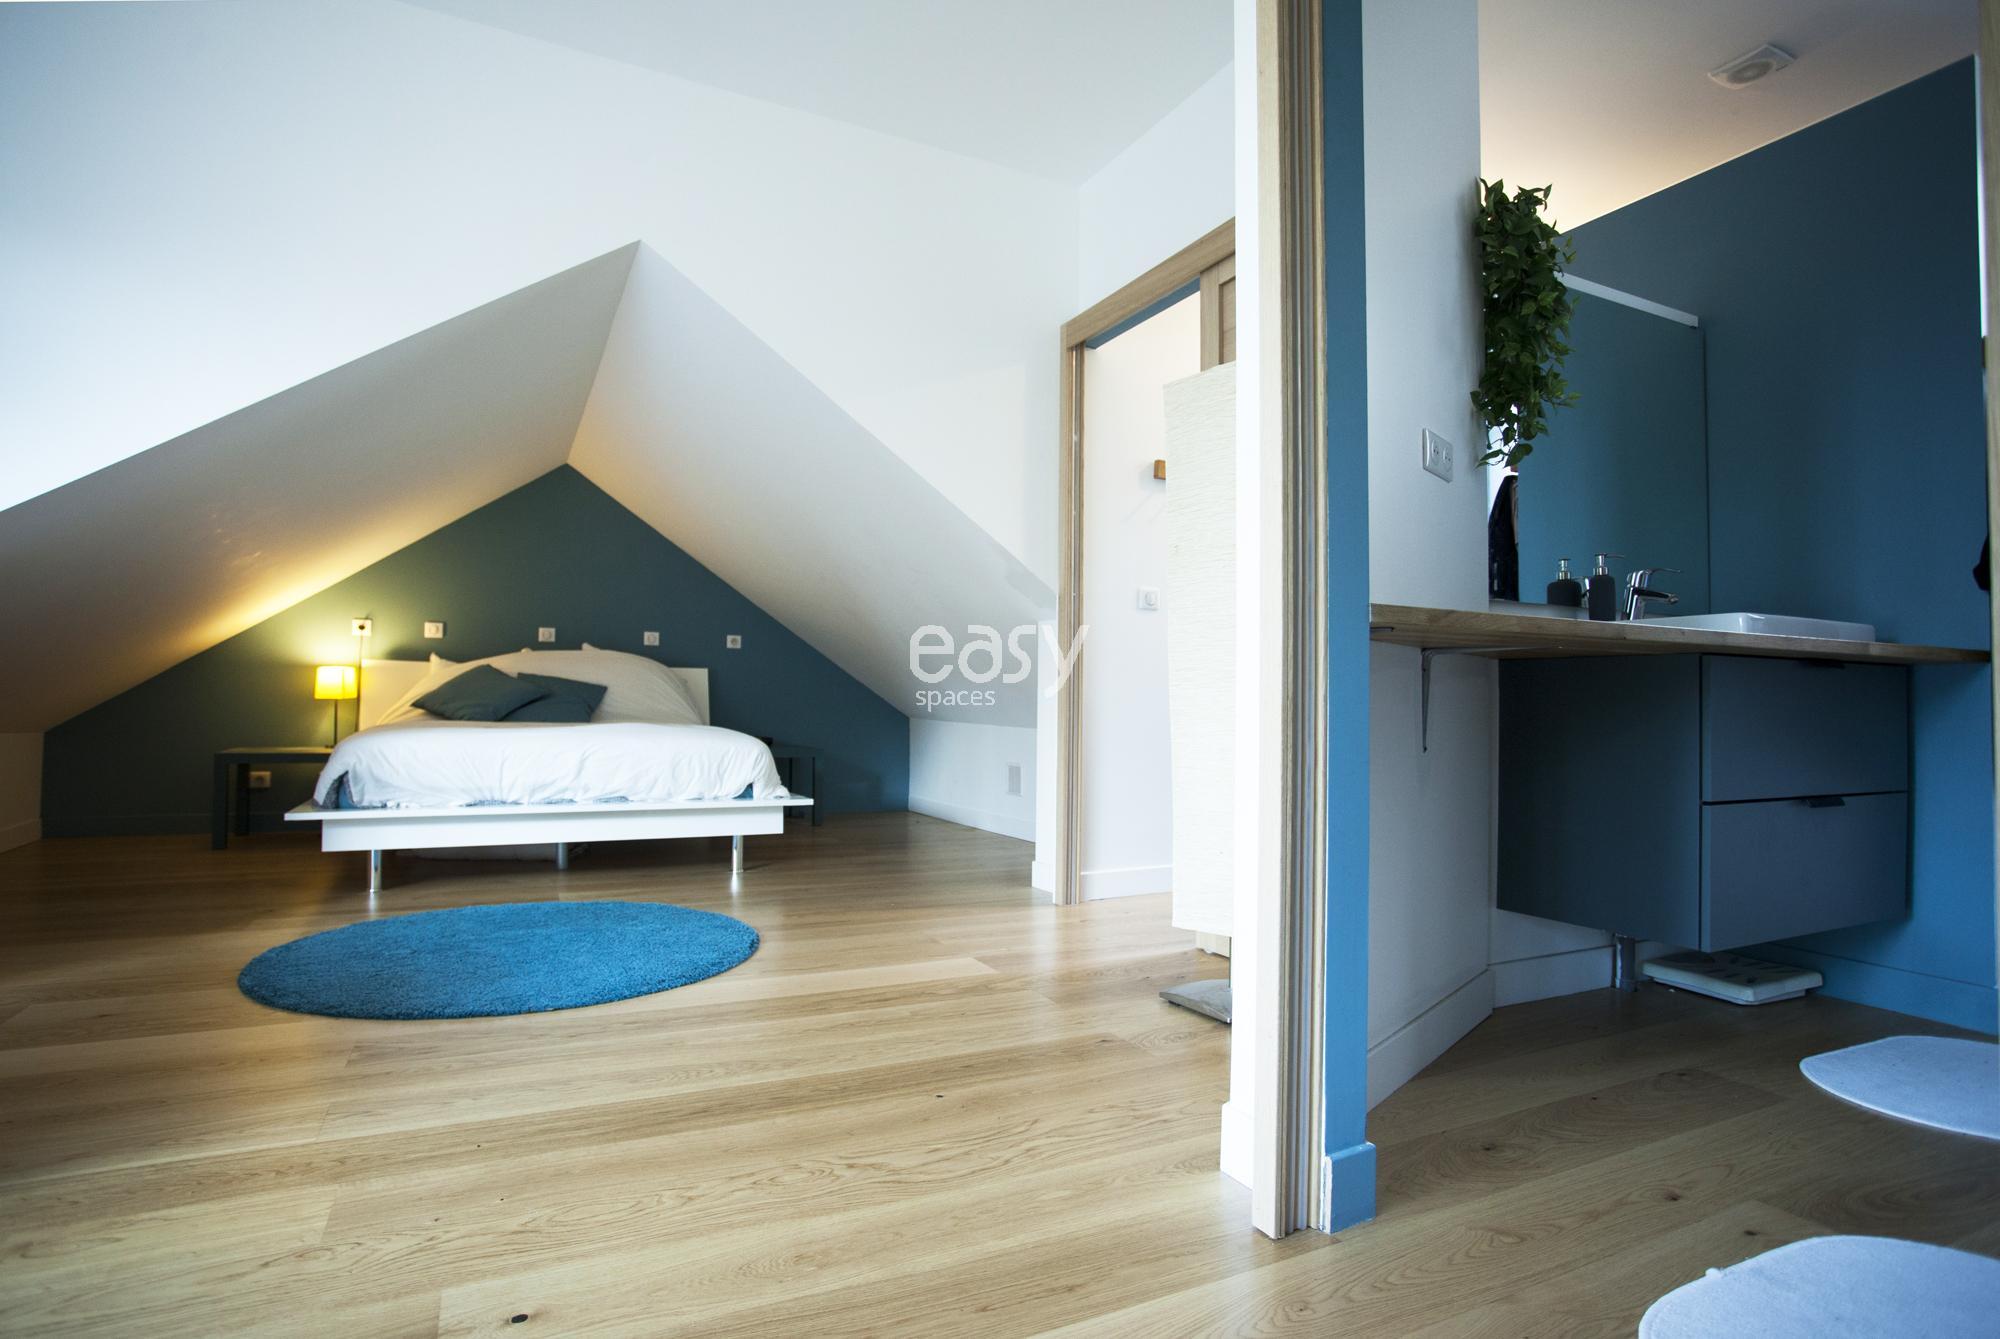 comment louer sa maison pour un tournage ventana blog. Black Bedroom Furniture Sets. Home Design Ideas